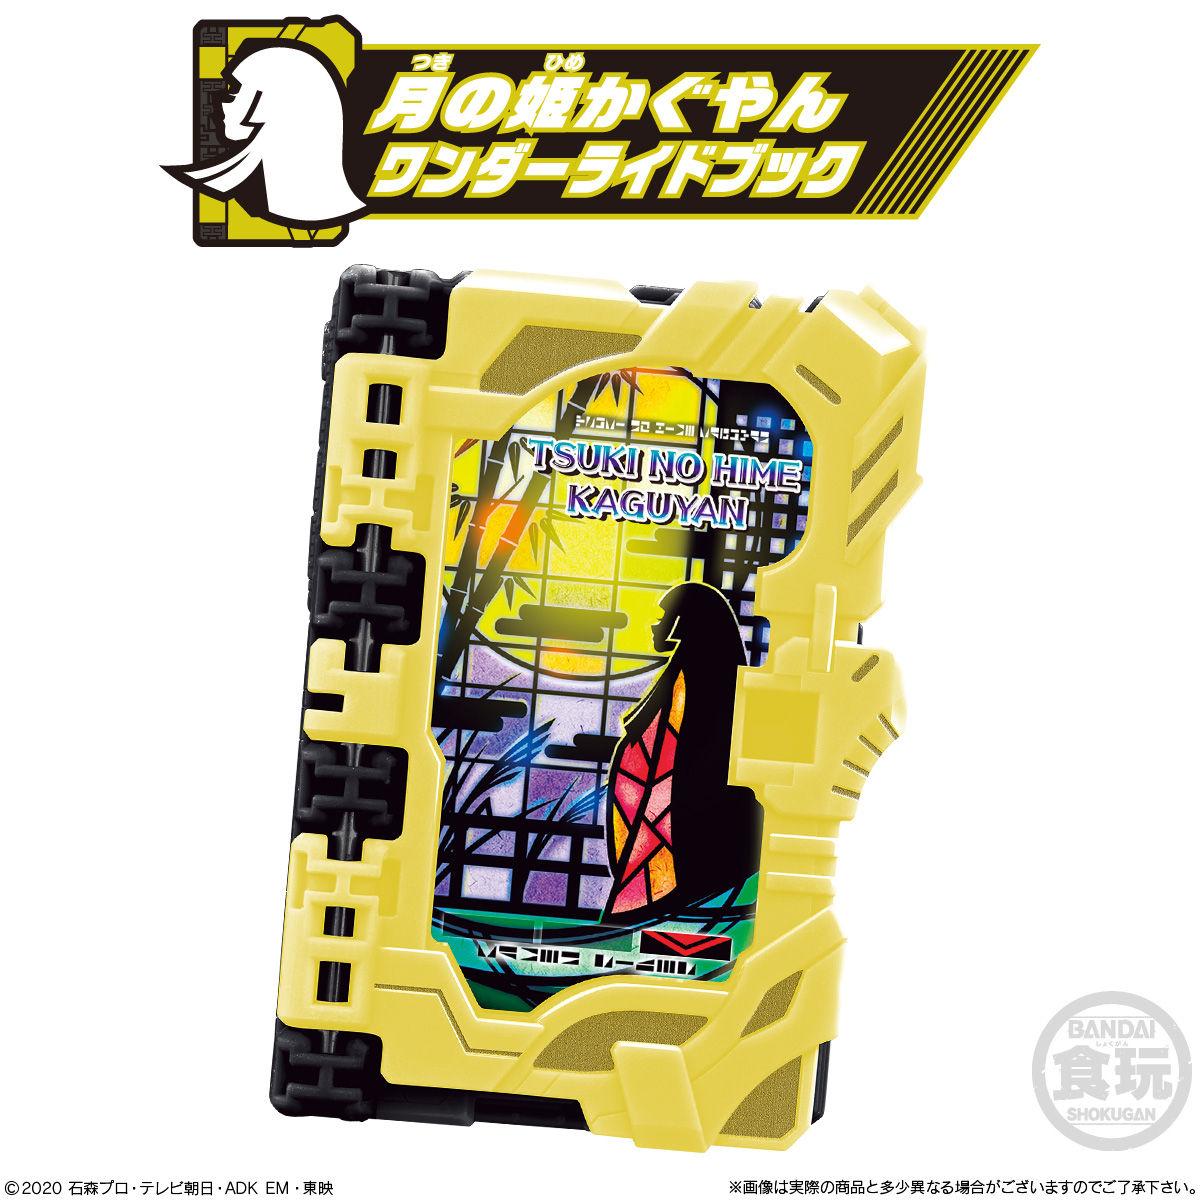 【食玩】仮面ライダーセイバー『コレクタブルワンダーライドブック SG08』8個入りBOX-006